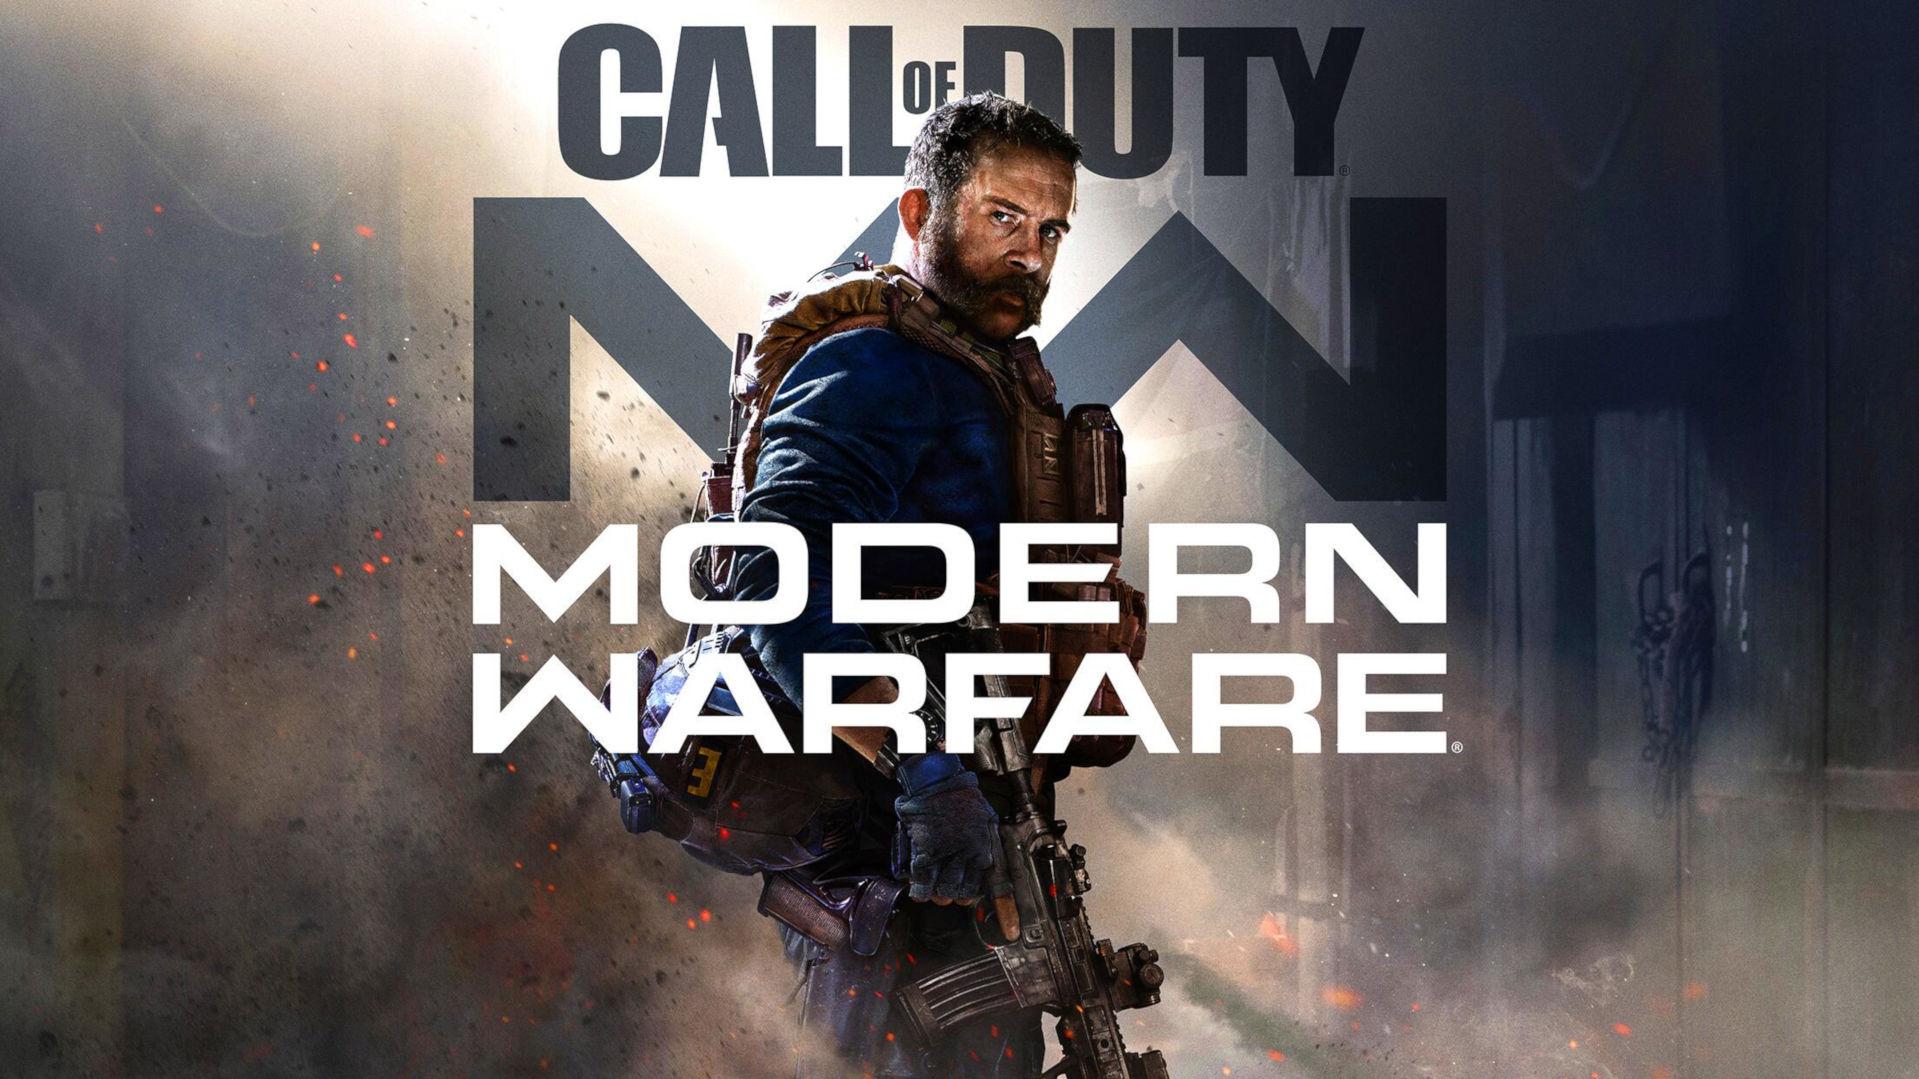 Call of Duty©: Modern Warfare©